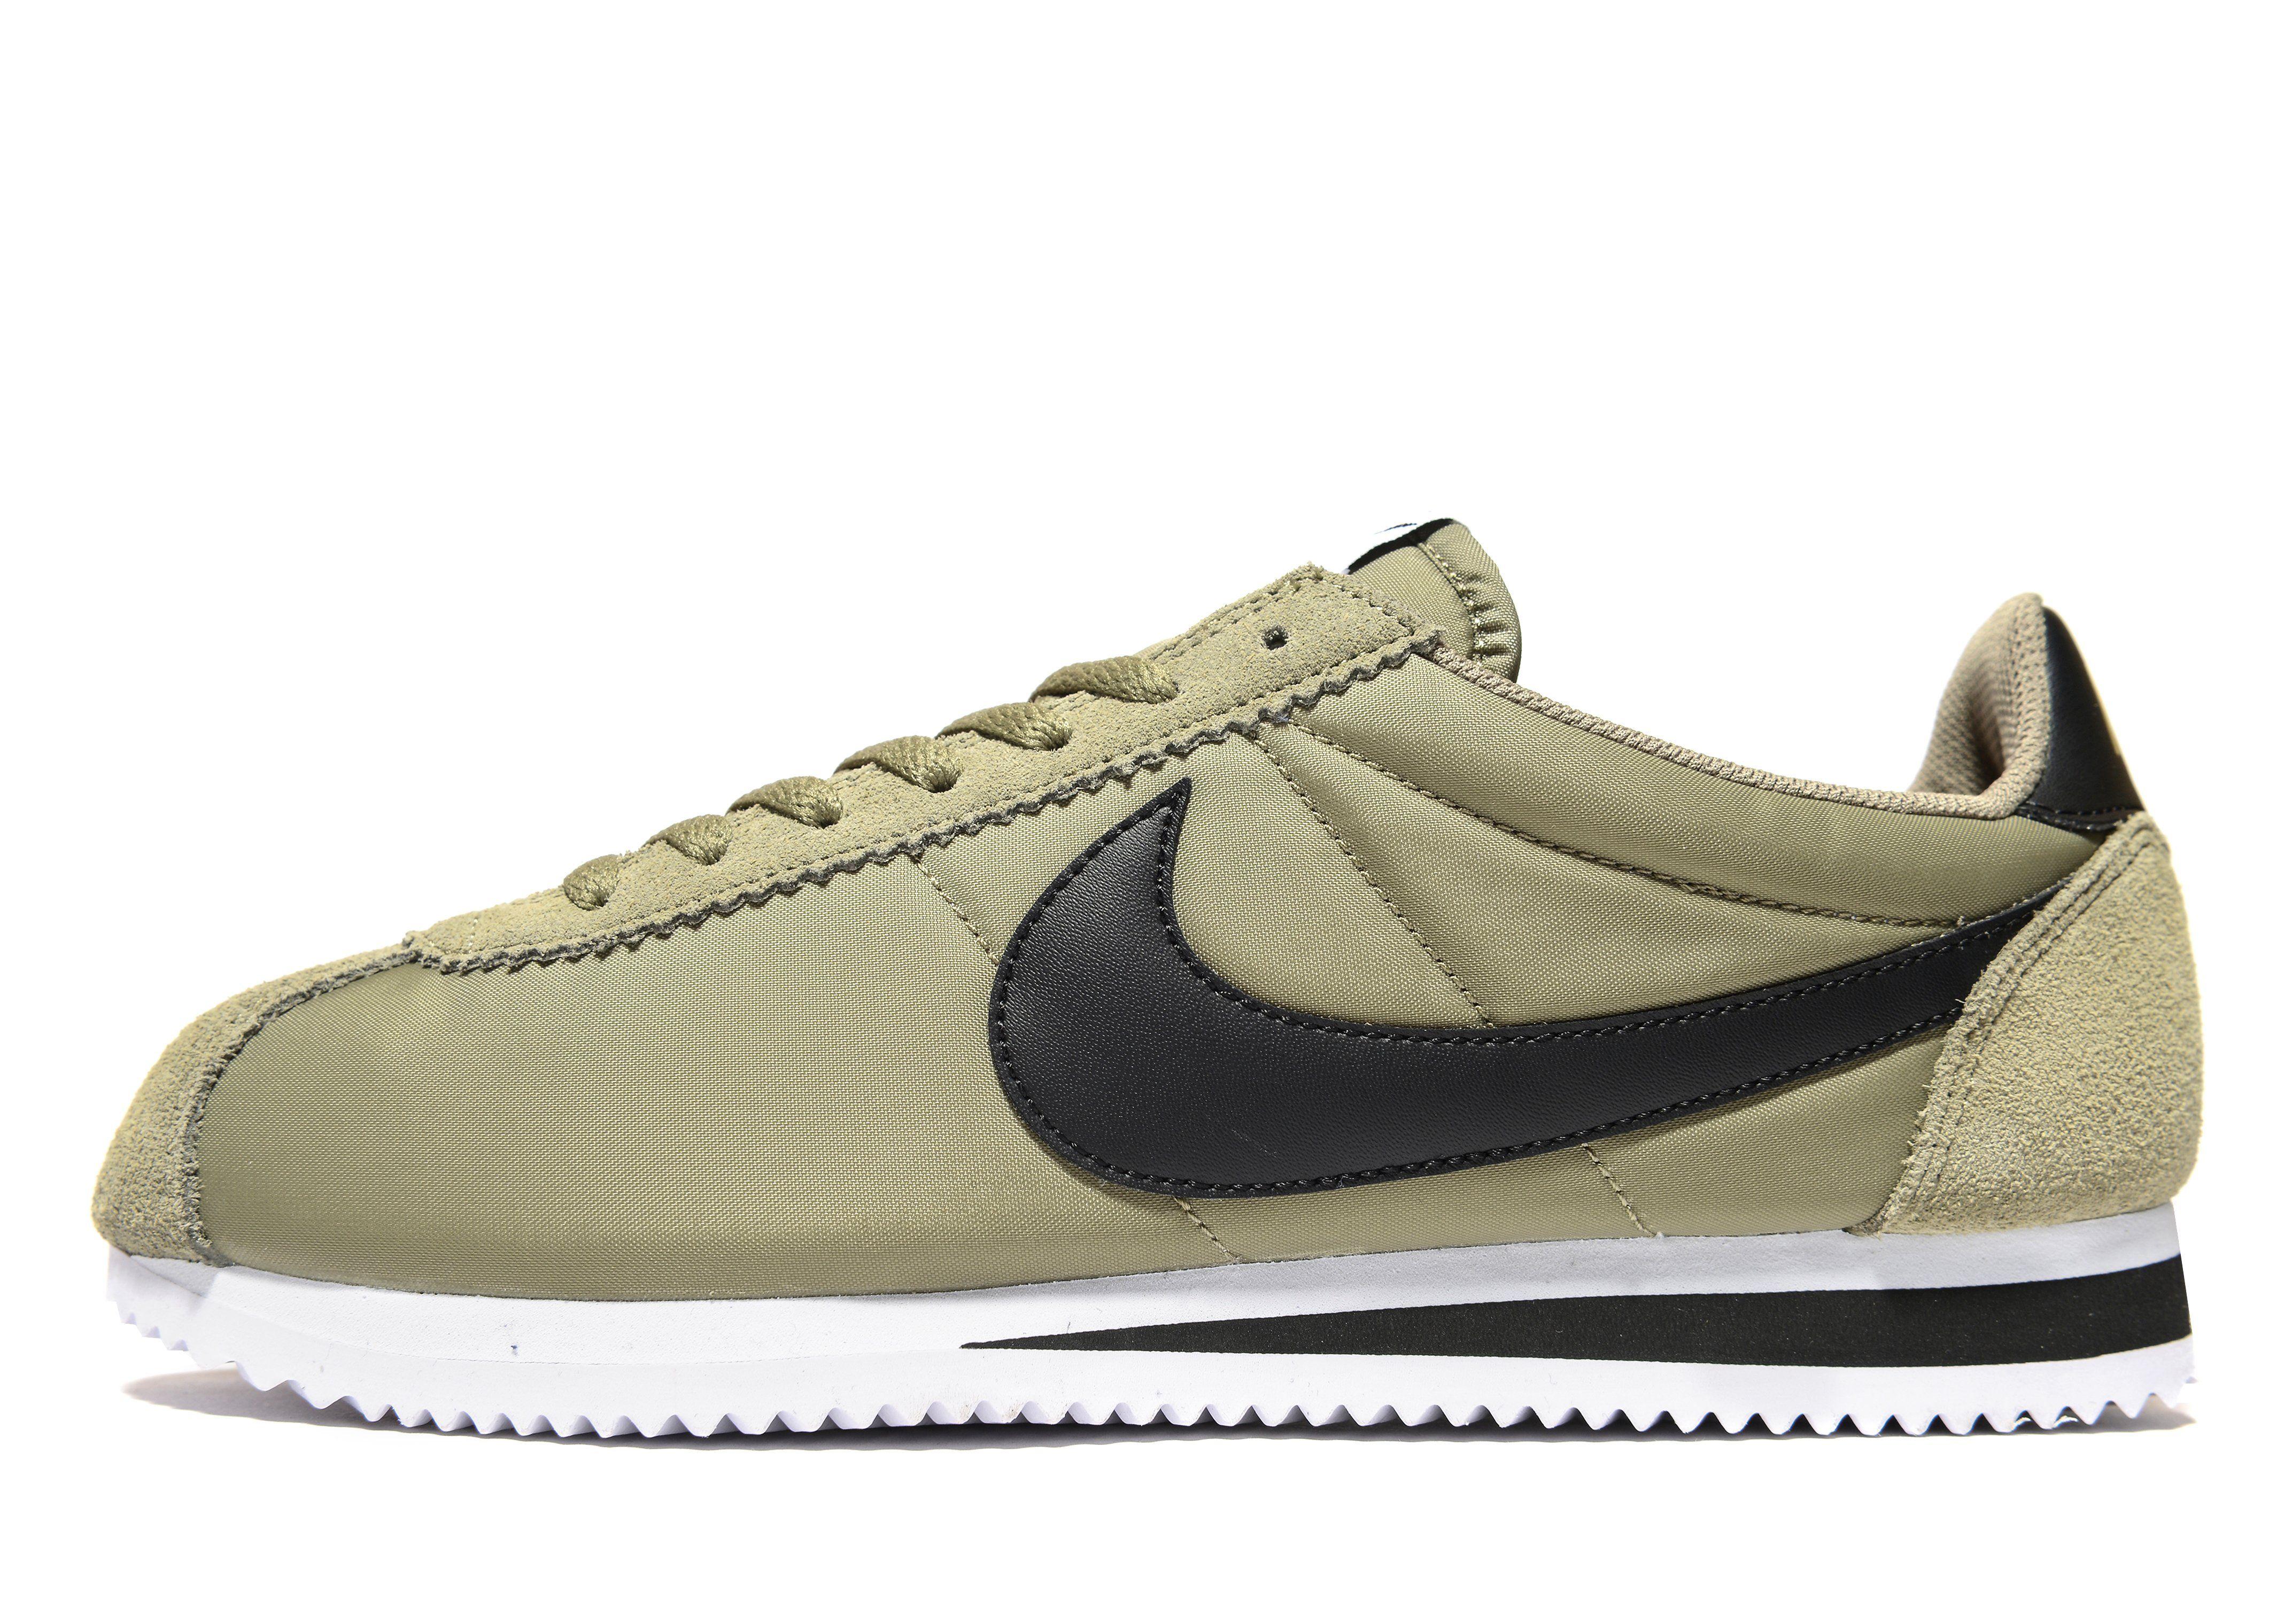 Nike Cortez White Velvet Brown